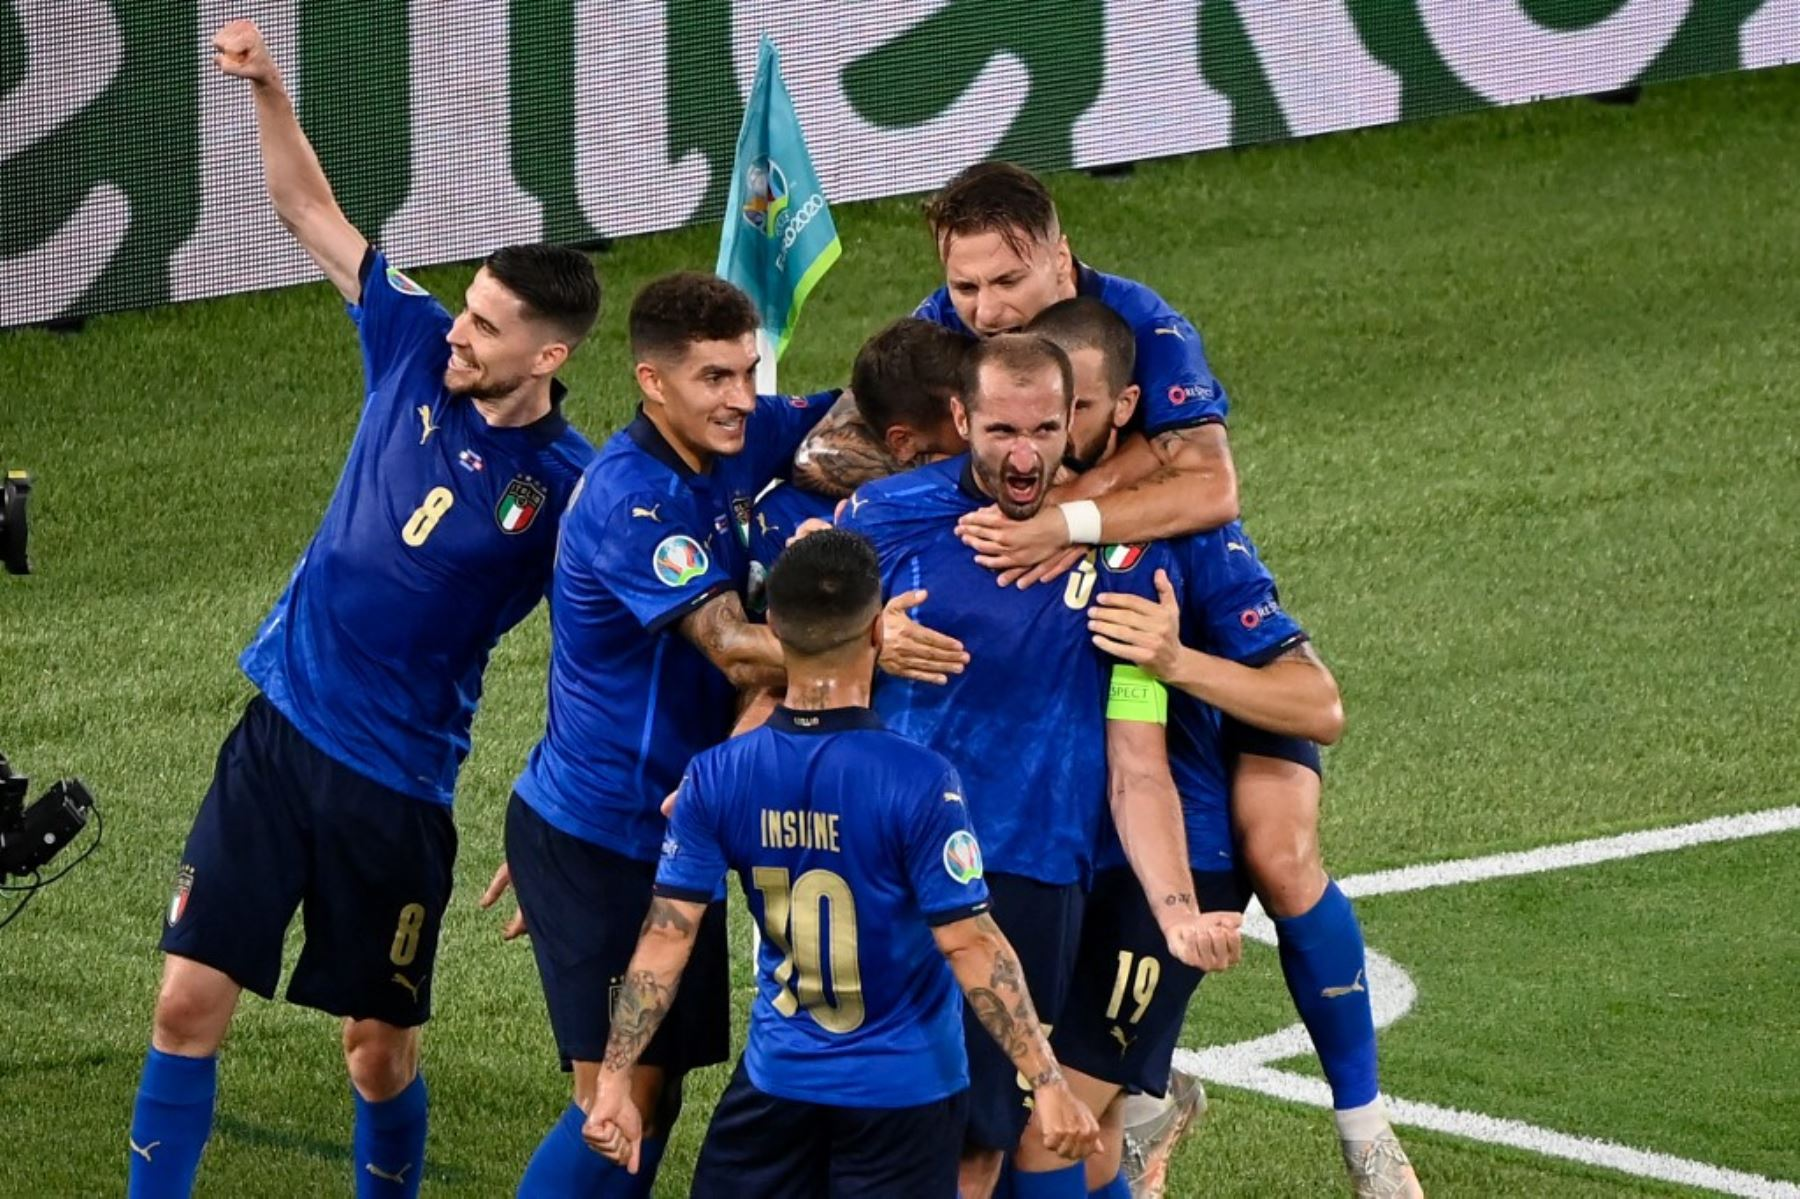 El defensa italiano Giorgio Chiellini (3) celebra con sus compañeros de equipo después de anotar, antes de que el gol fuera cancelado después de un control del VAR, durante el partido de fútbol del Grupo A de la UEFA EURO 2020 entre Italia y Suiza en el Estadio Olímpico de Roma el 16 de junio de 2021. Foto: AFP